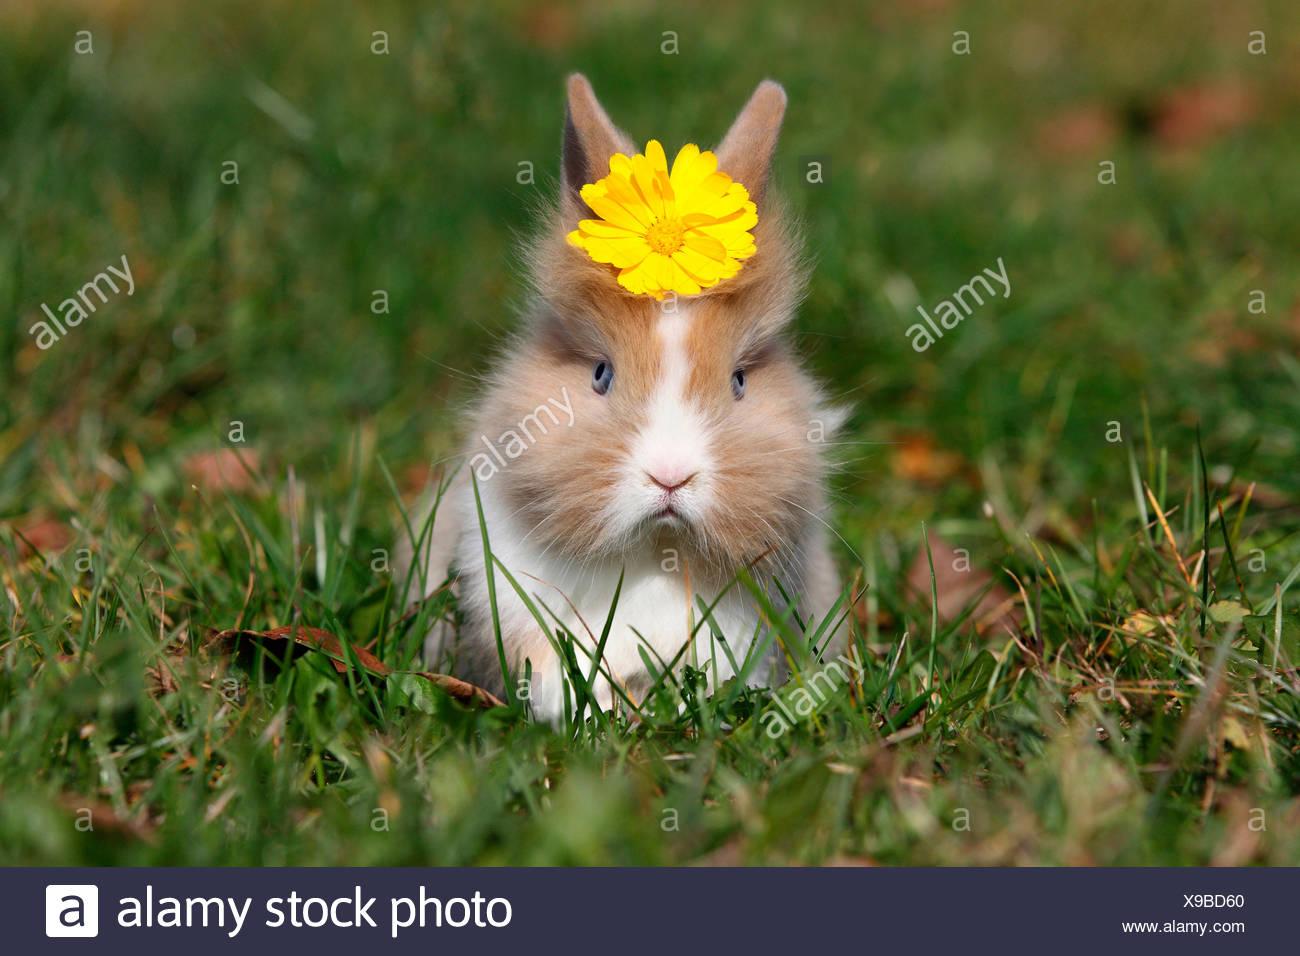 Conejo enano con cabeza de león. Jóvenes sentados sobre una pradera, vistiendo una flor amarilla sobre su cabeza. Alemania Foto de stock